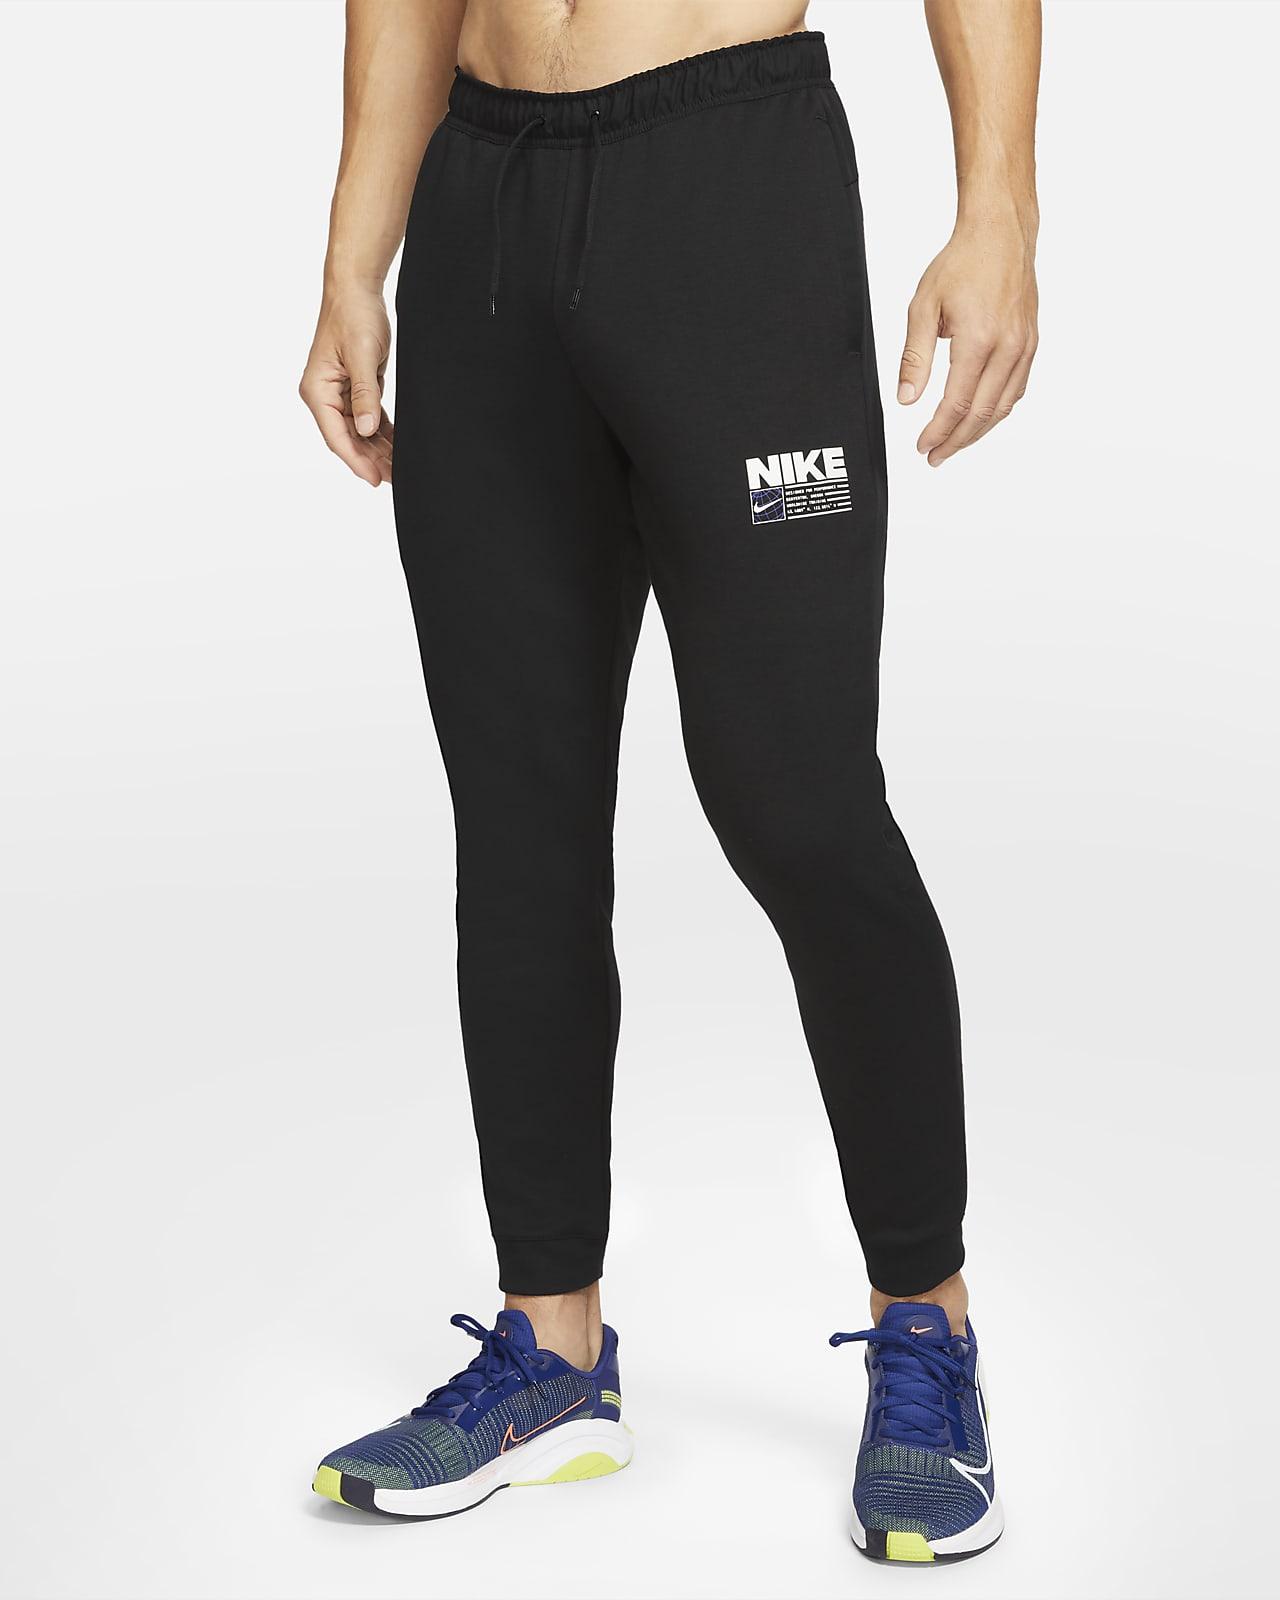 Pánské zúžené tréninkové kalhoty Nike Dri-FIT